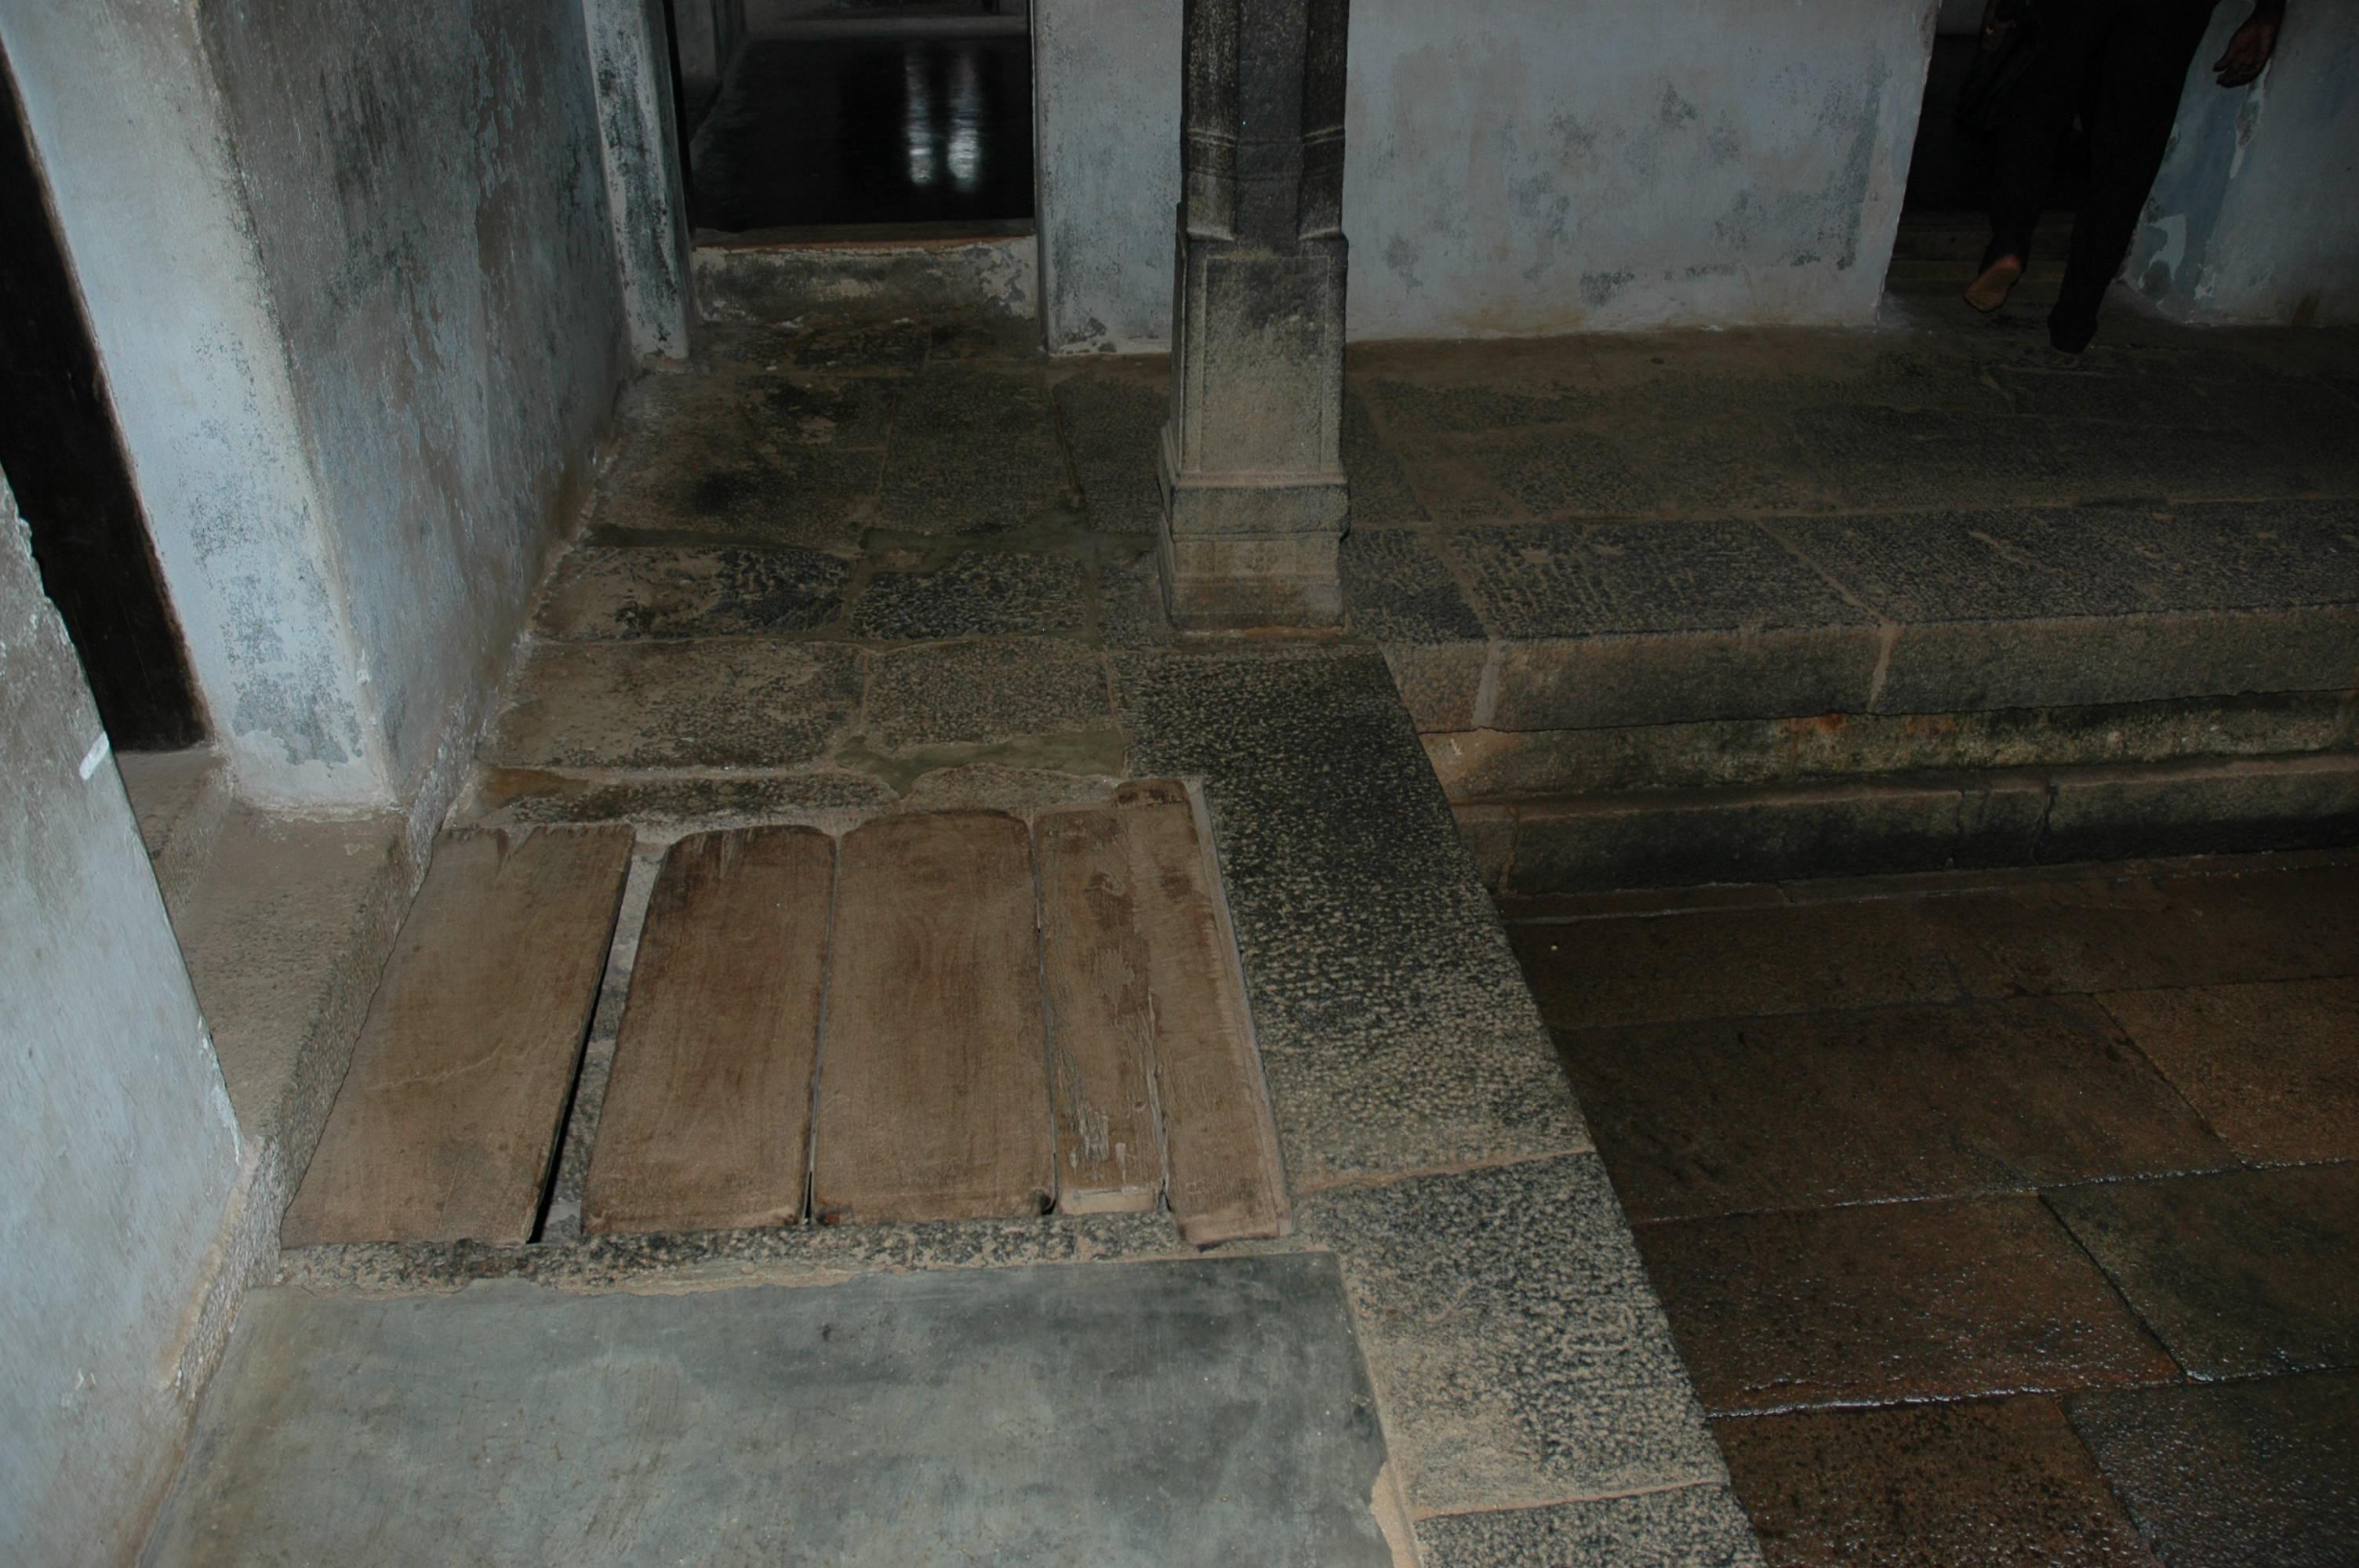 Padmanabhapuram Palace Secret Passage Trap Door Stashvault